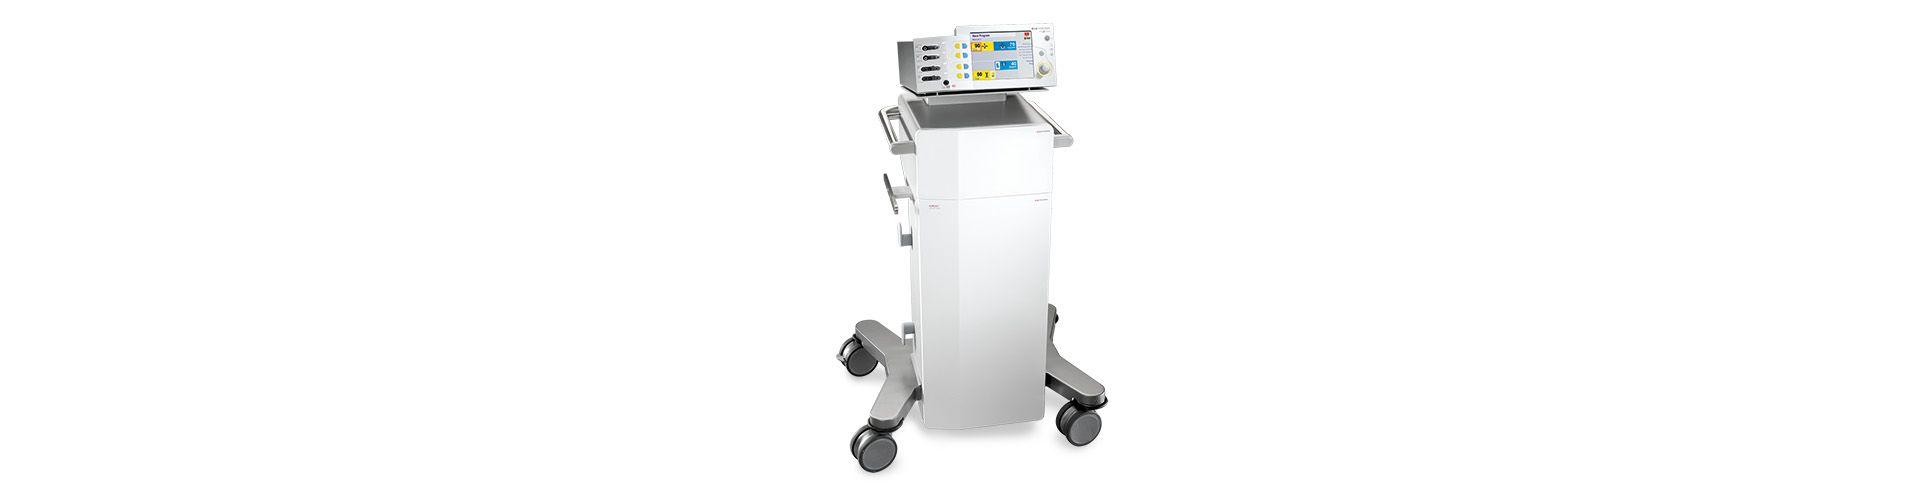 Accesorios para la electrocirugía maXium® smart Cart